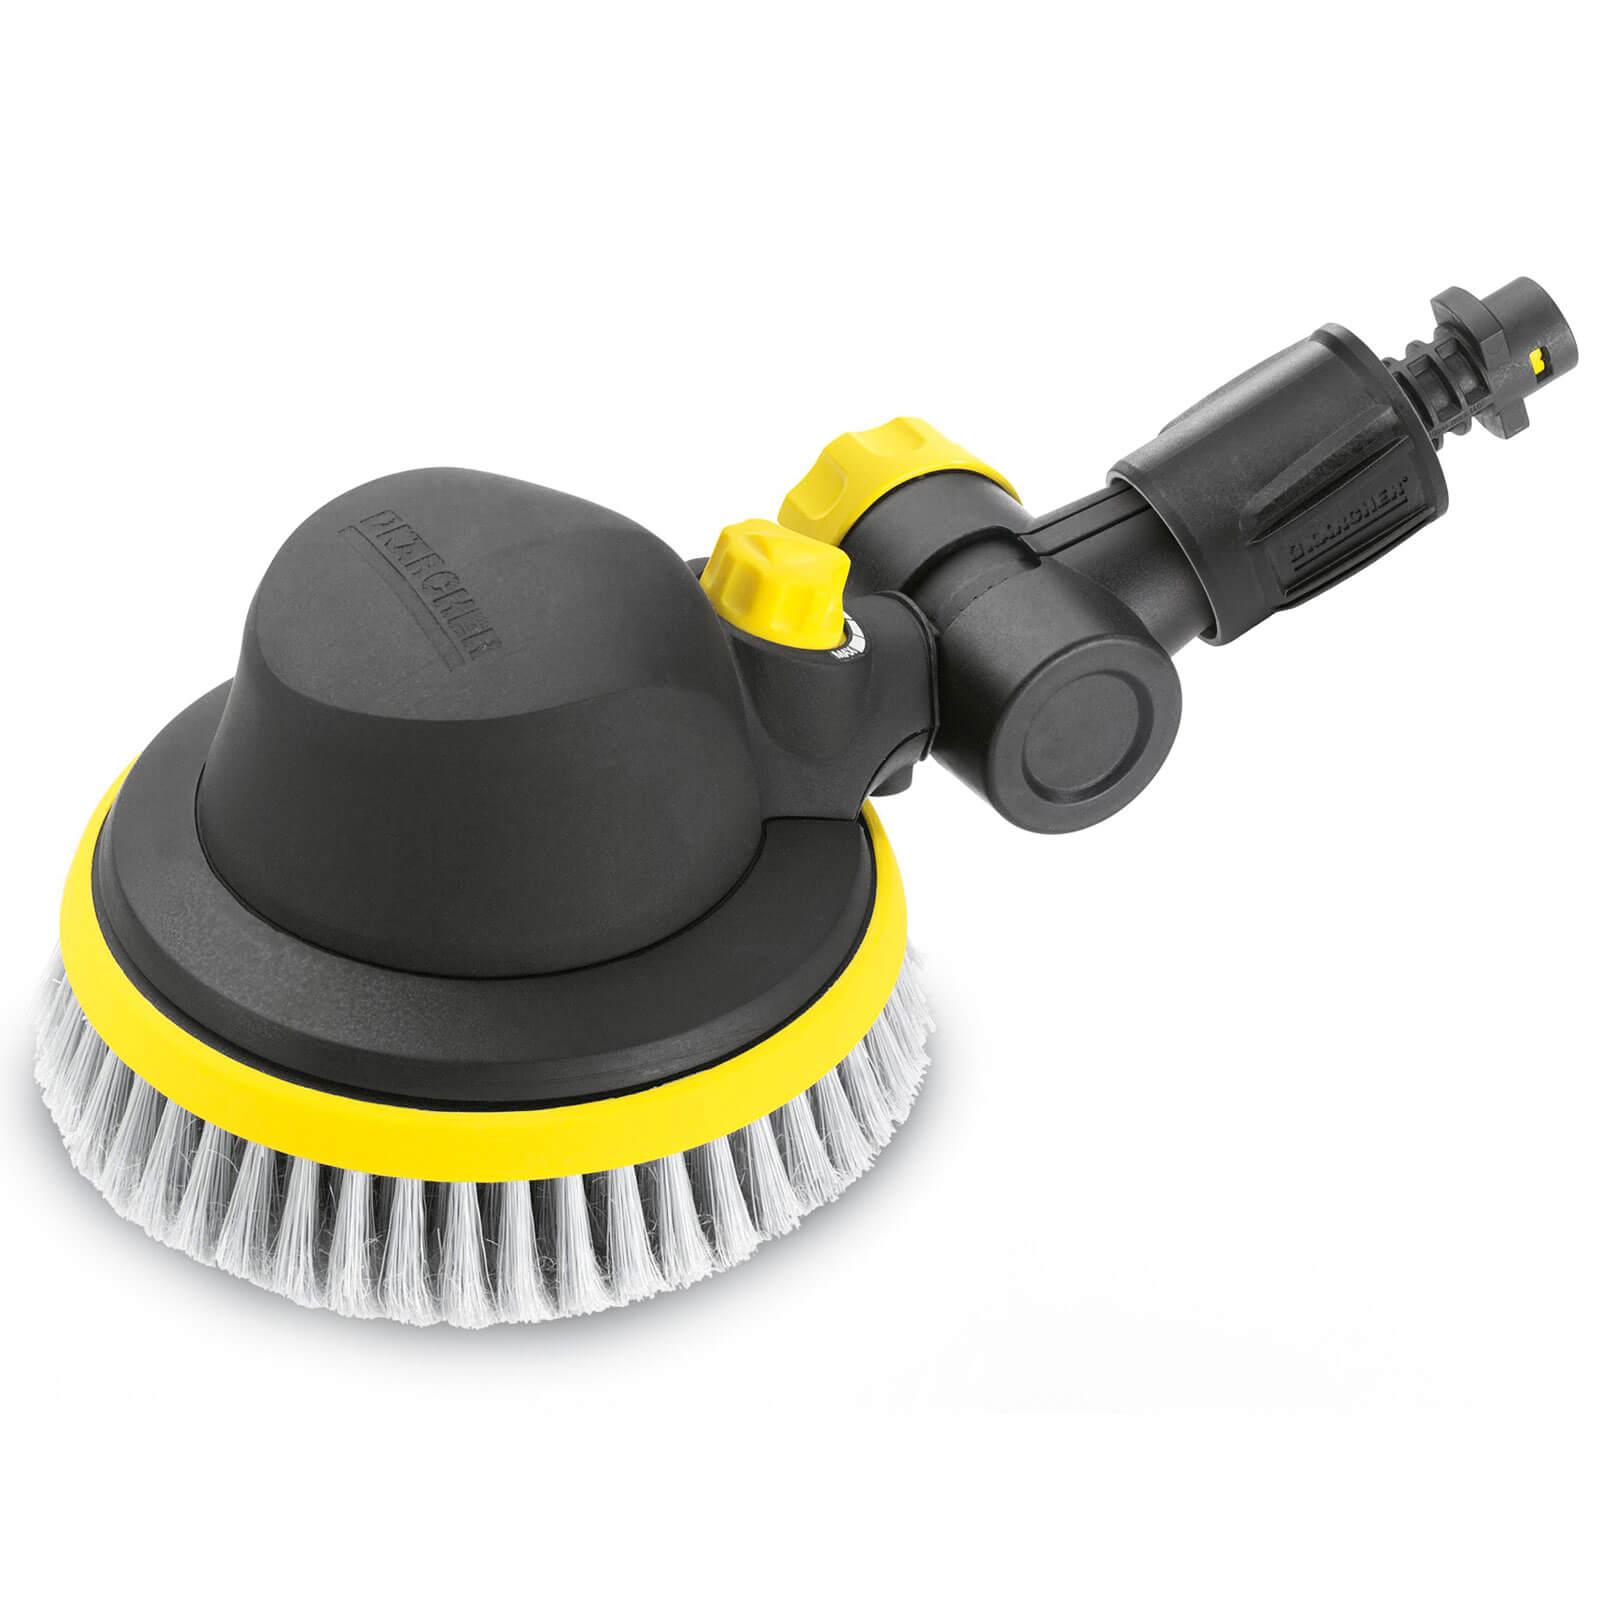 Karcher Adjustable Rotary Wash Brush For K2 - K7 Pressure Washers